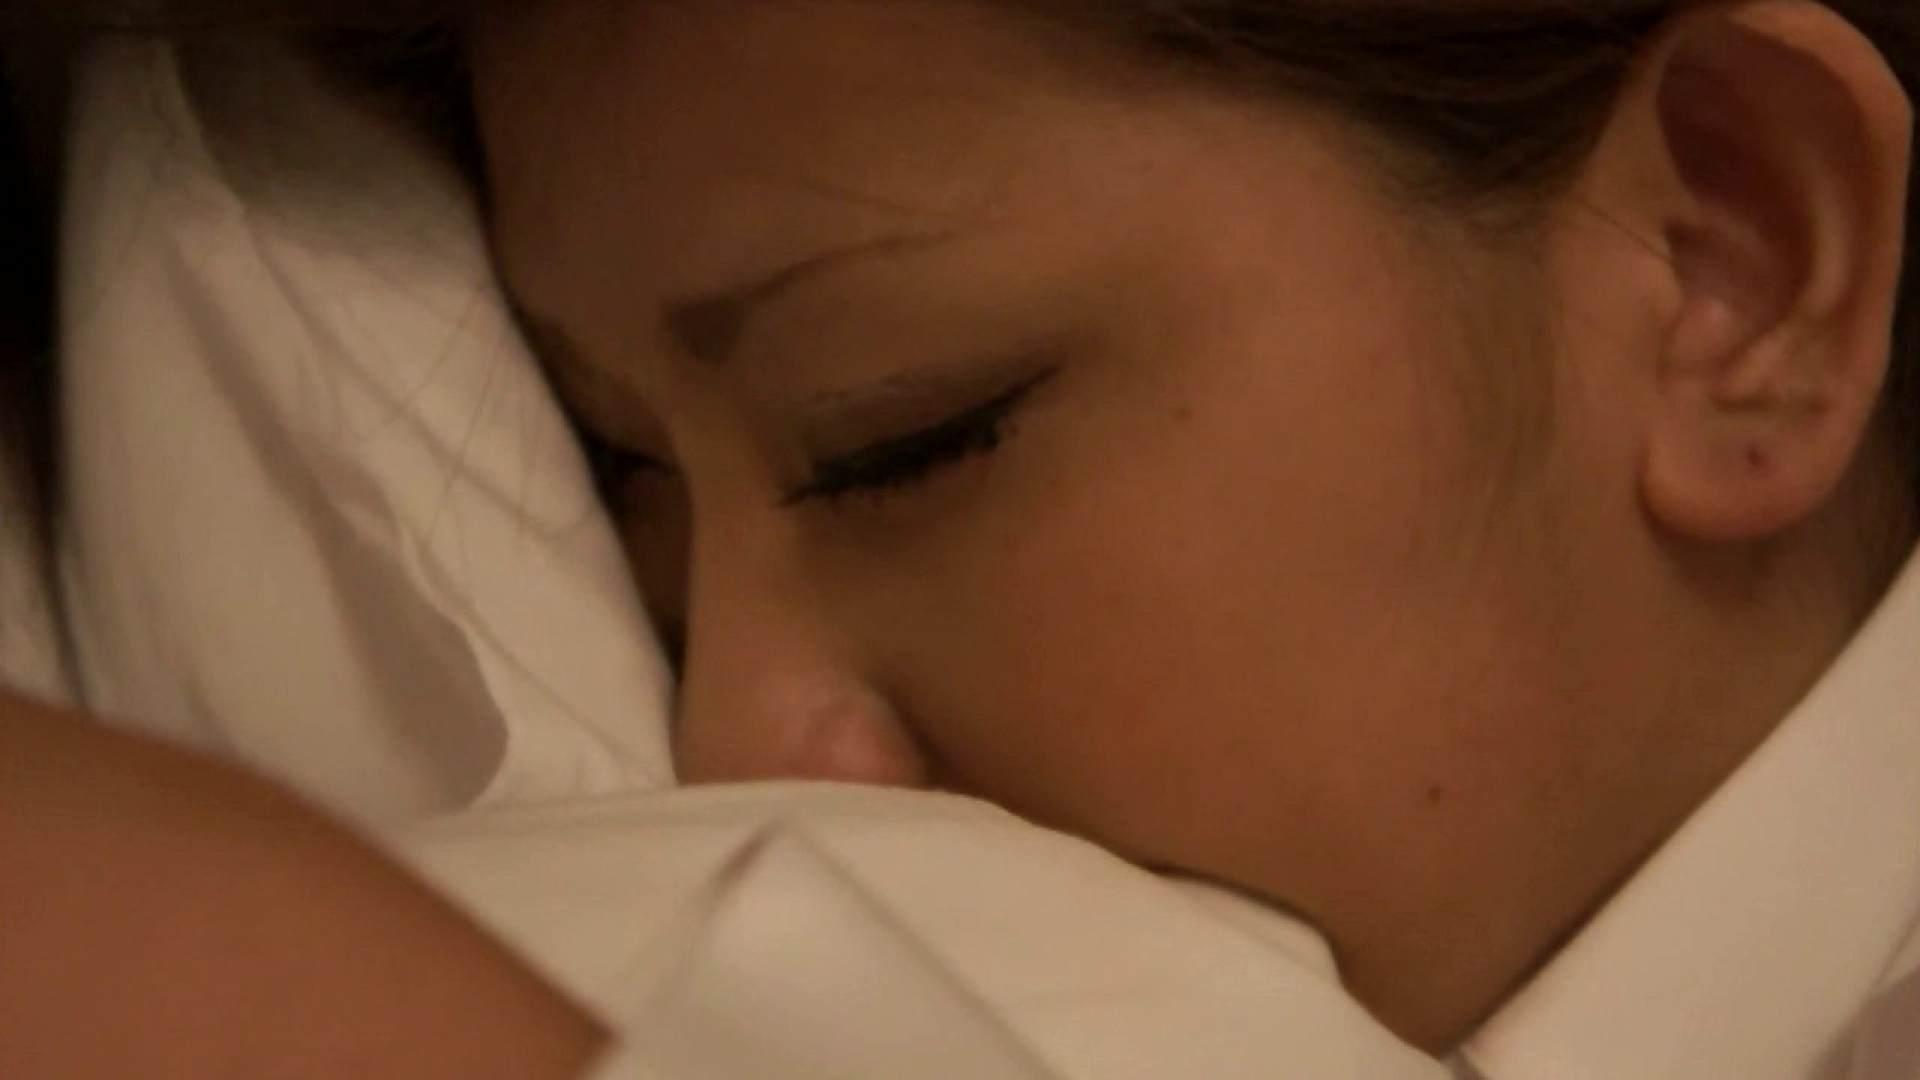 vol.8 【Mちゃん(2回目)】ブランド品査定士19歳 花子とも仲良し イタズラ | パンチラ  102画像 1